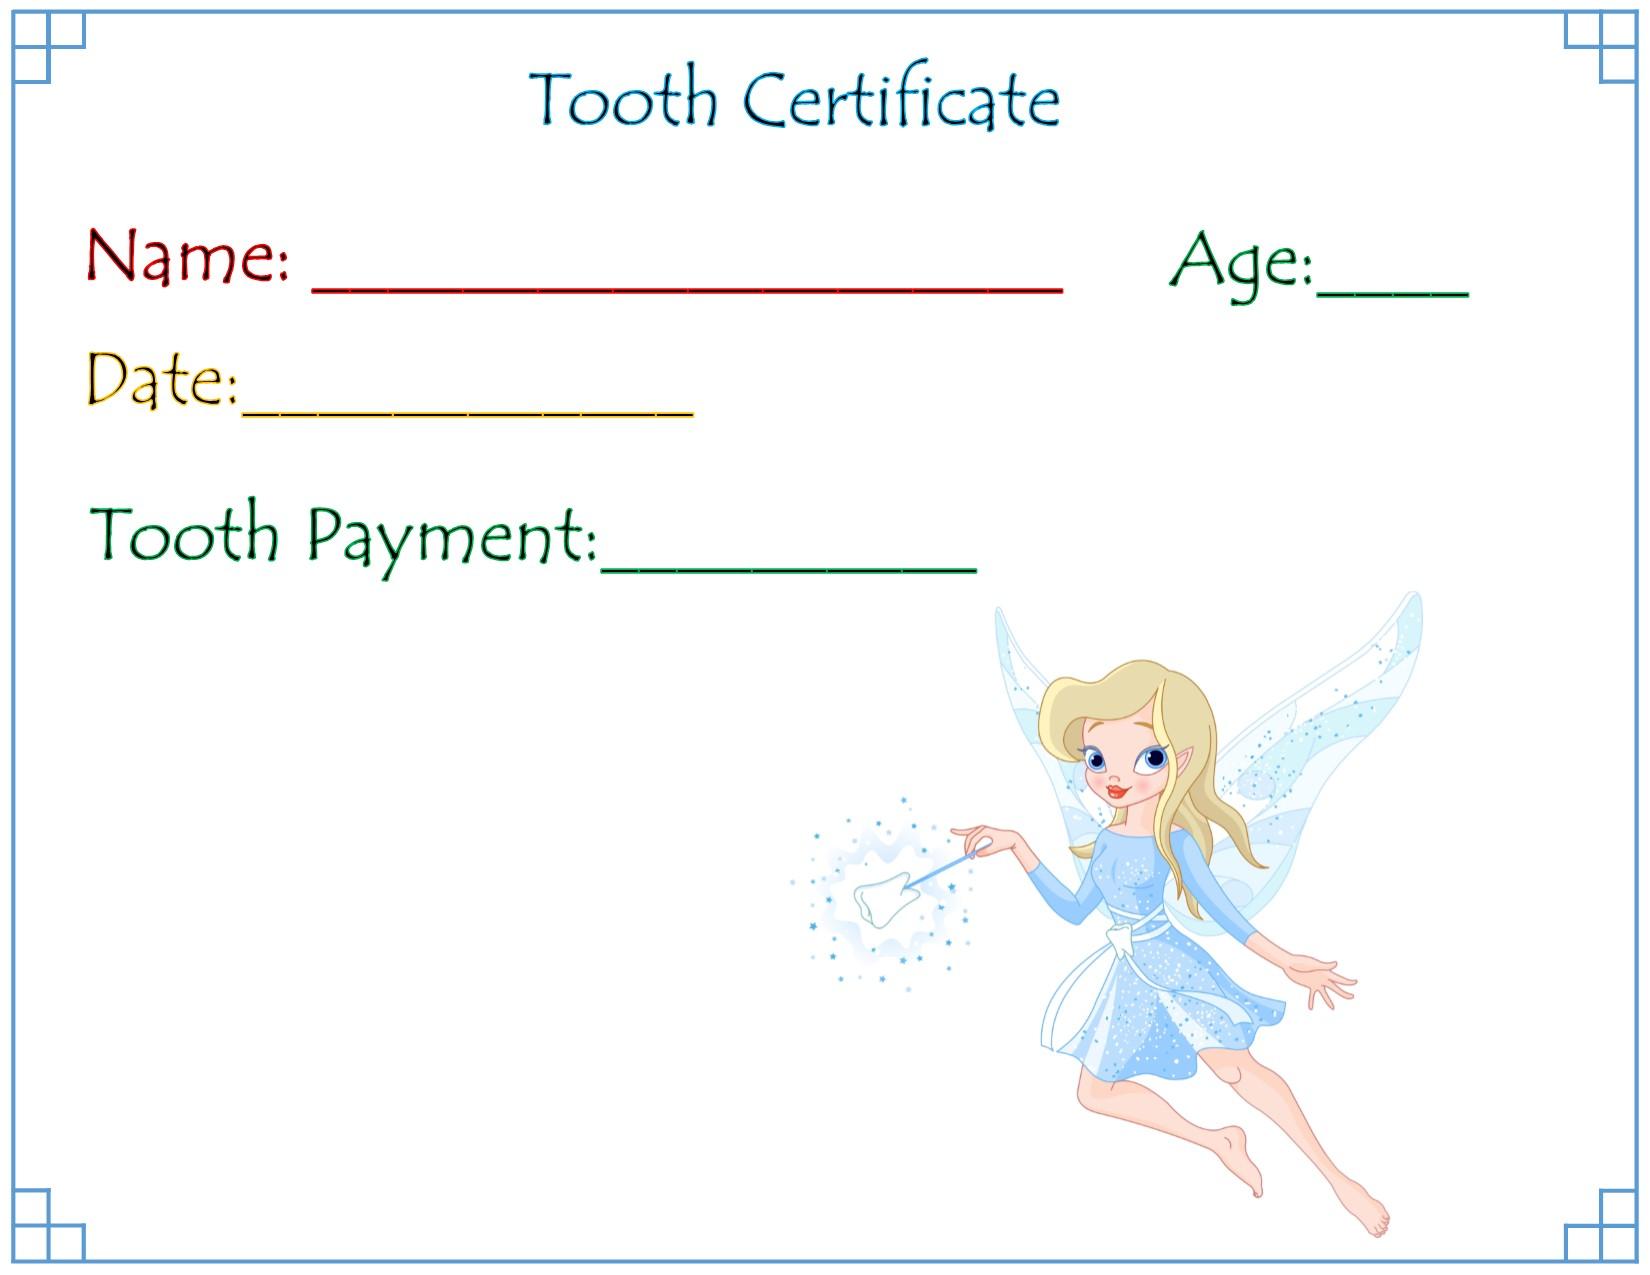 Tooth Certificate.jpg